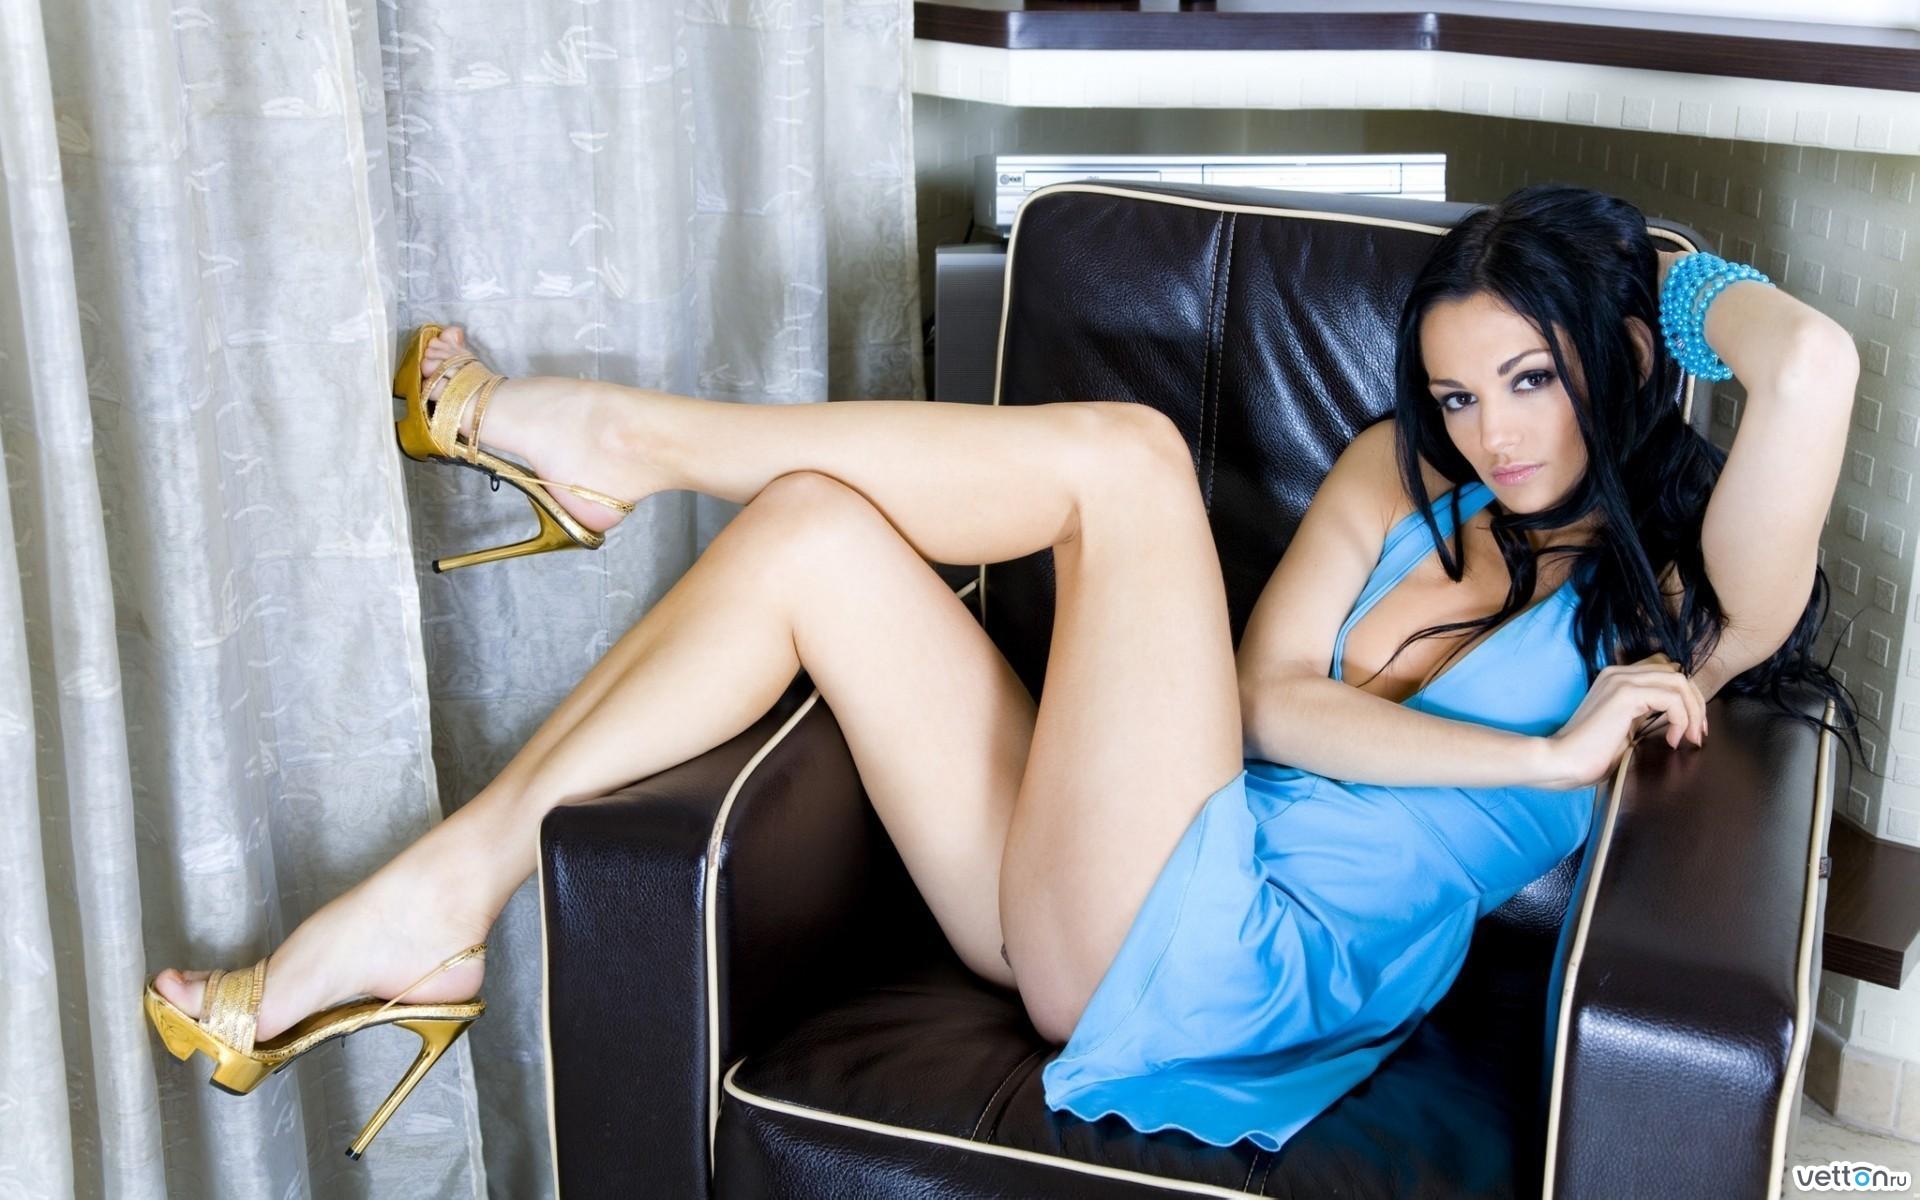 Сексуальные девушки высокого разрешения 9 фотография